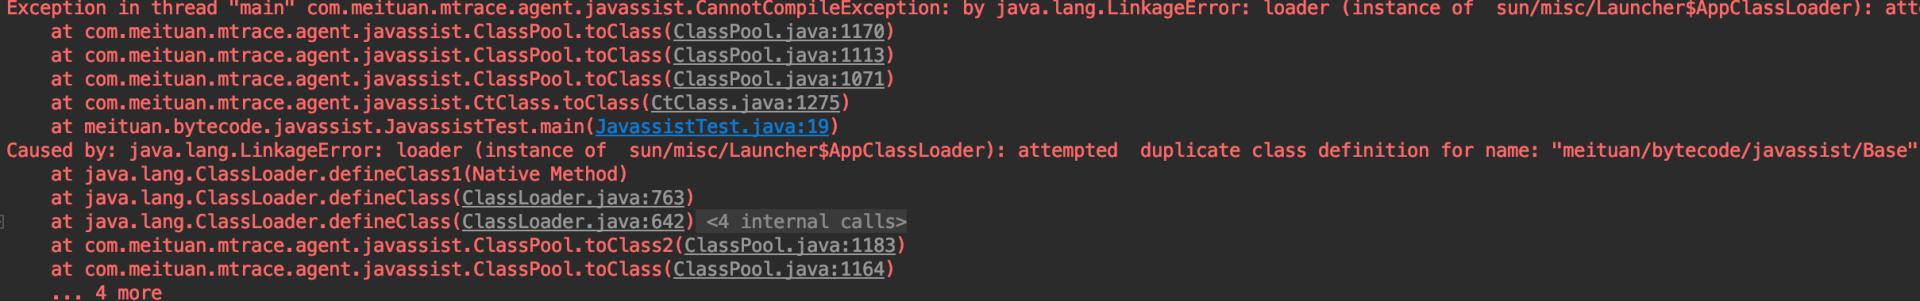 图20 运行时重复load类的错误信息